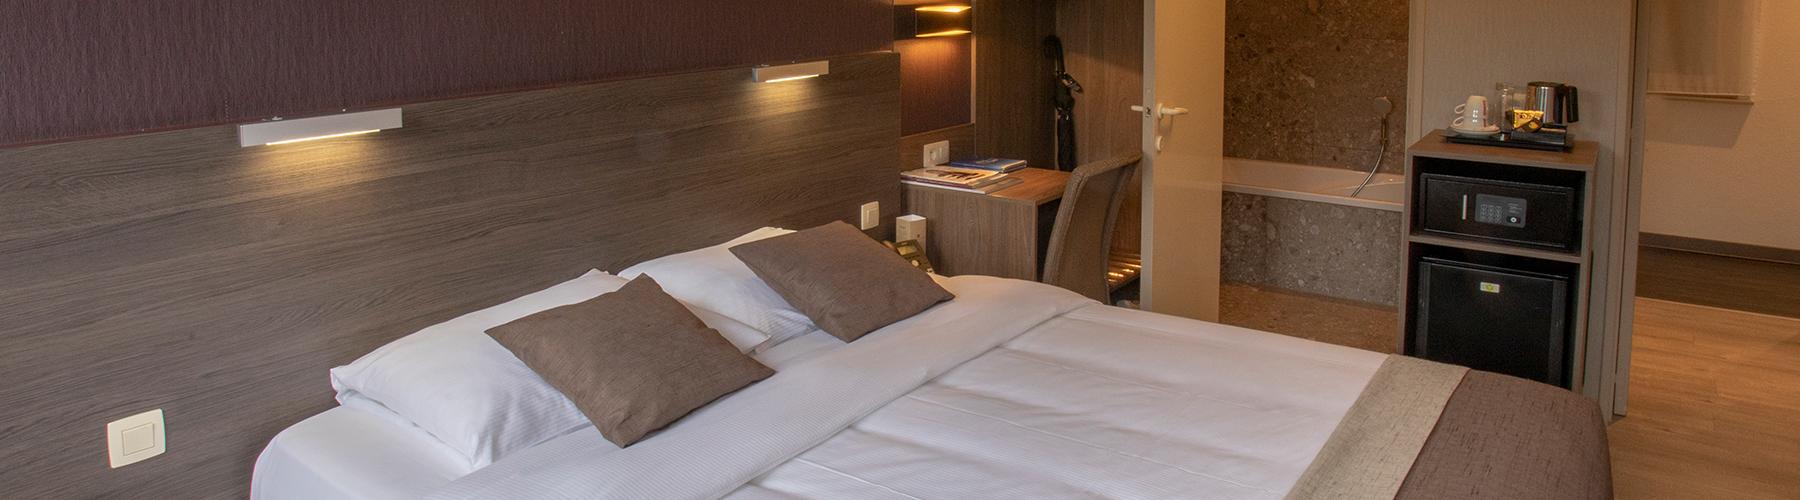 Standaard kamer hotel St Pol Knokke